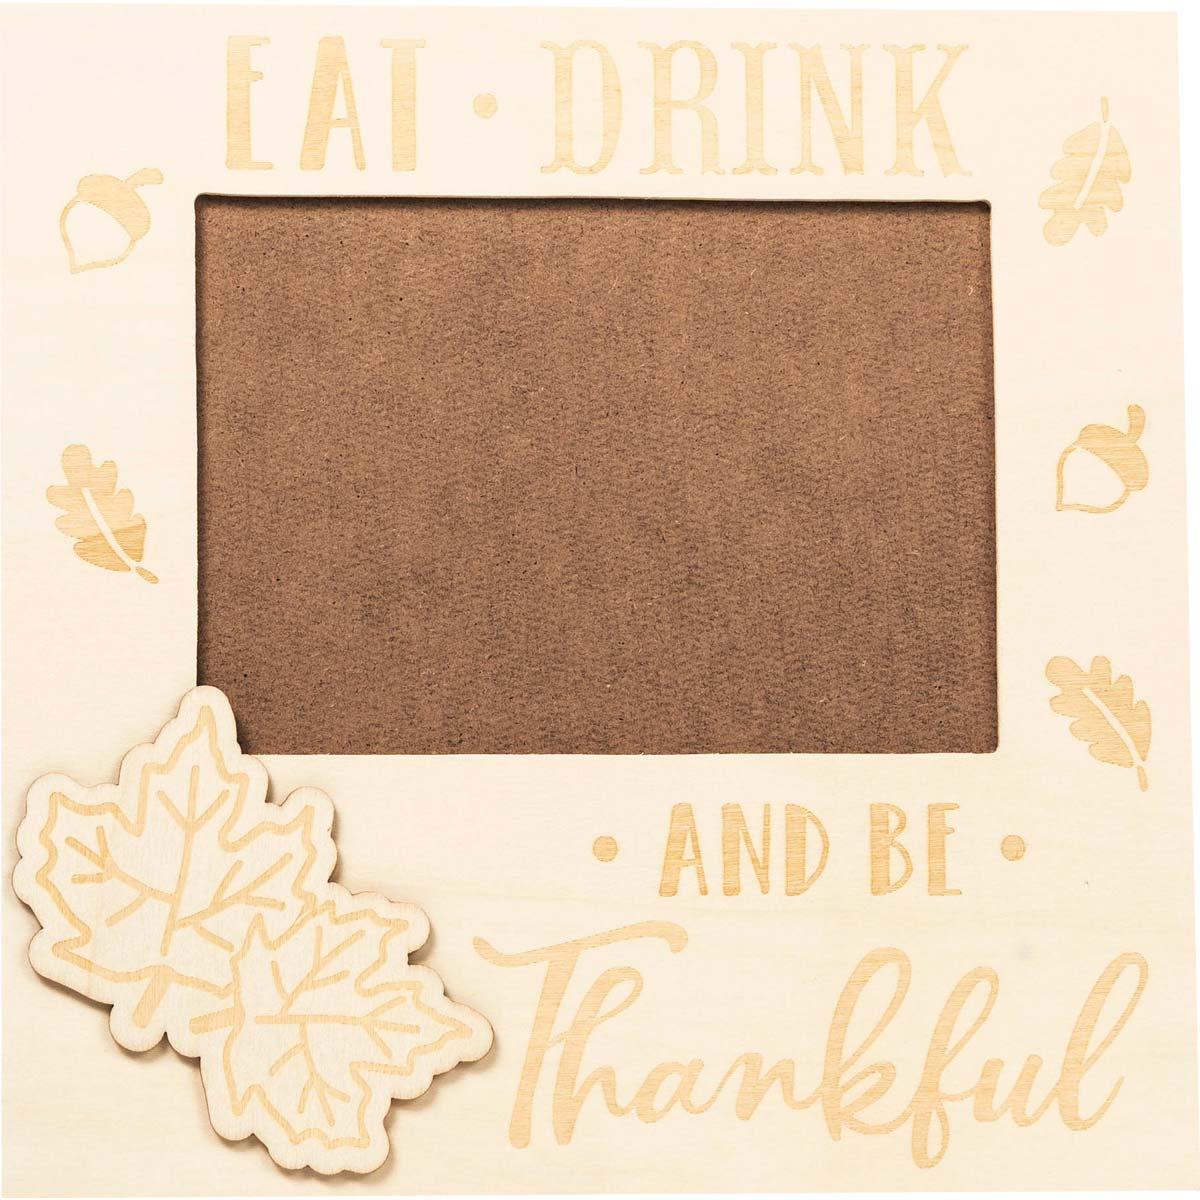 Plaid ® Wood Surfaces - Autumn Celebration Frame and Plaque Bundle - 56978